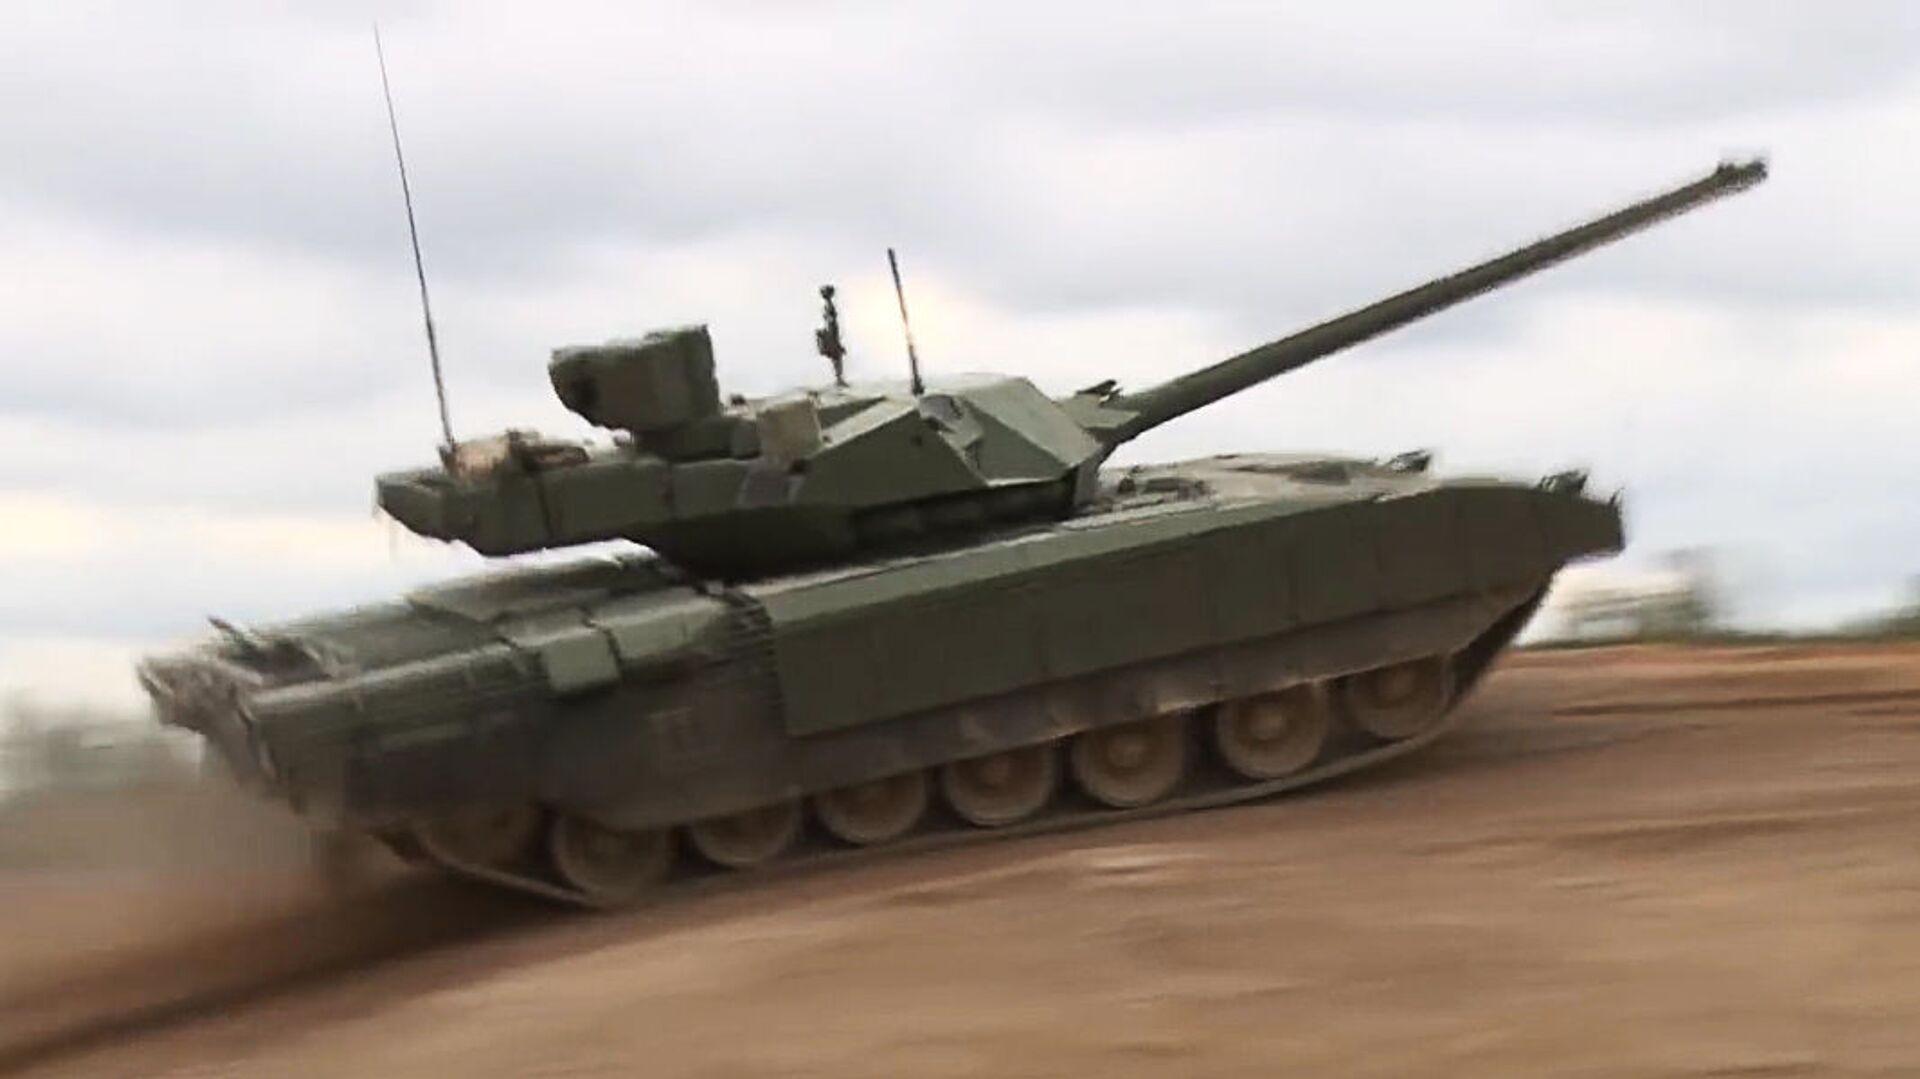 Tank russo T-14 Armata - Sputnik Italia, 1920, 27.08.2021